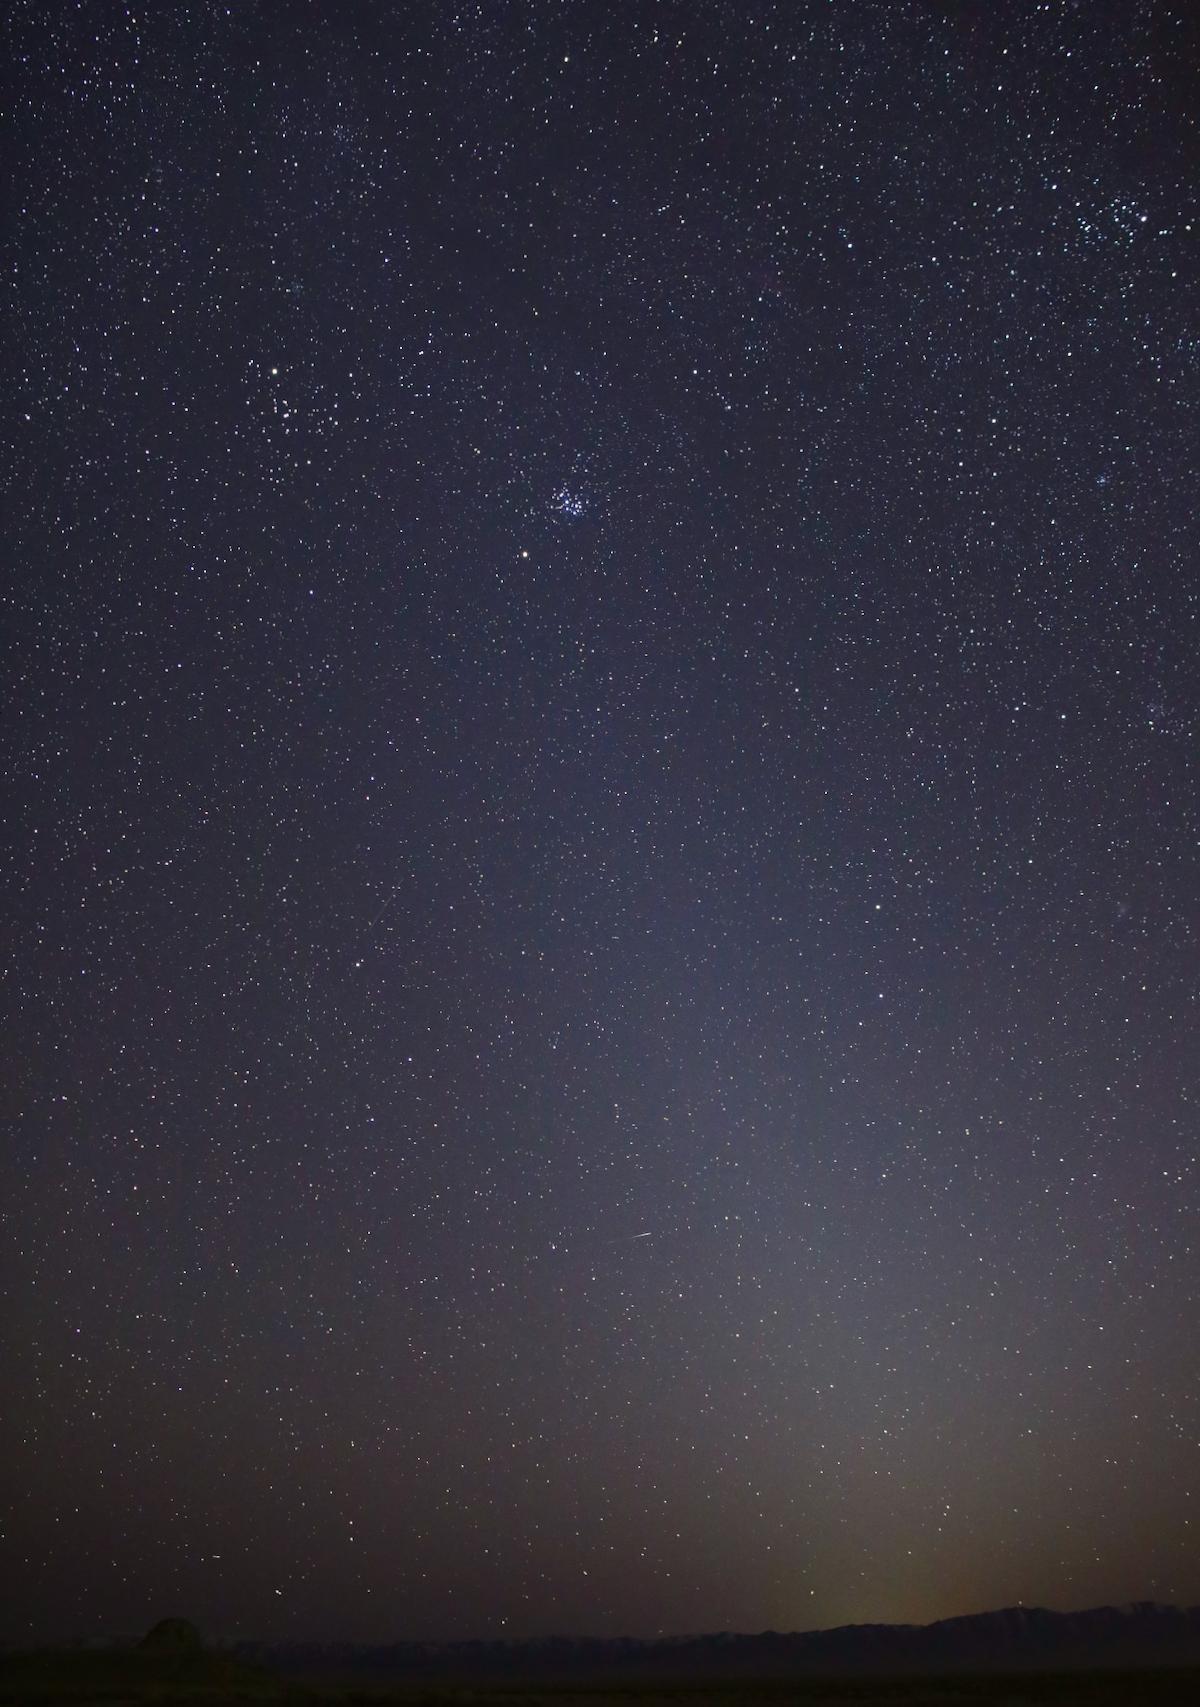 Une photo du ciel nocturne de la lumière zodiacale - une faible colonne de lumière s'étendant depuis l'horizon - le 1er mars 2021, à Skull Valley, dans l'Utah.